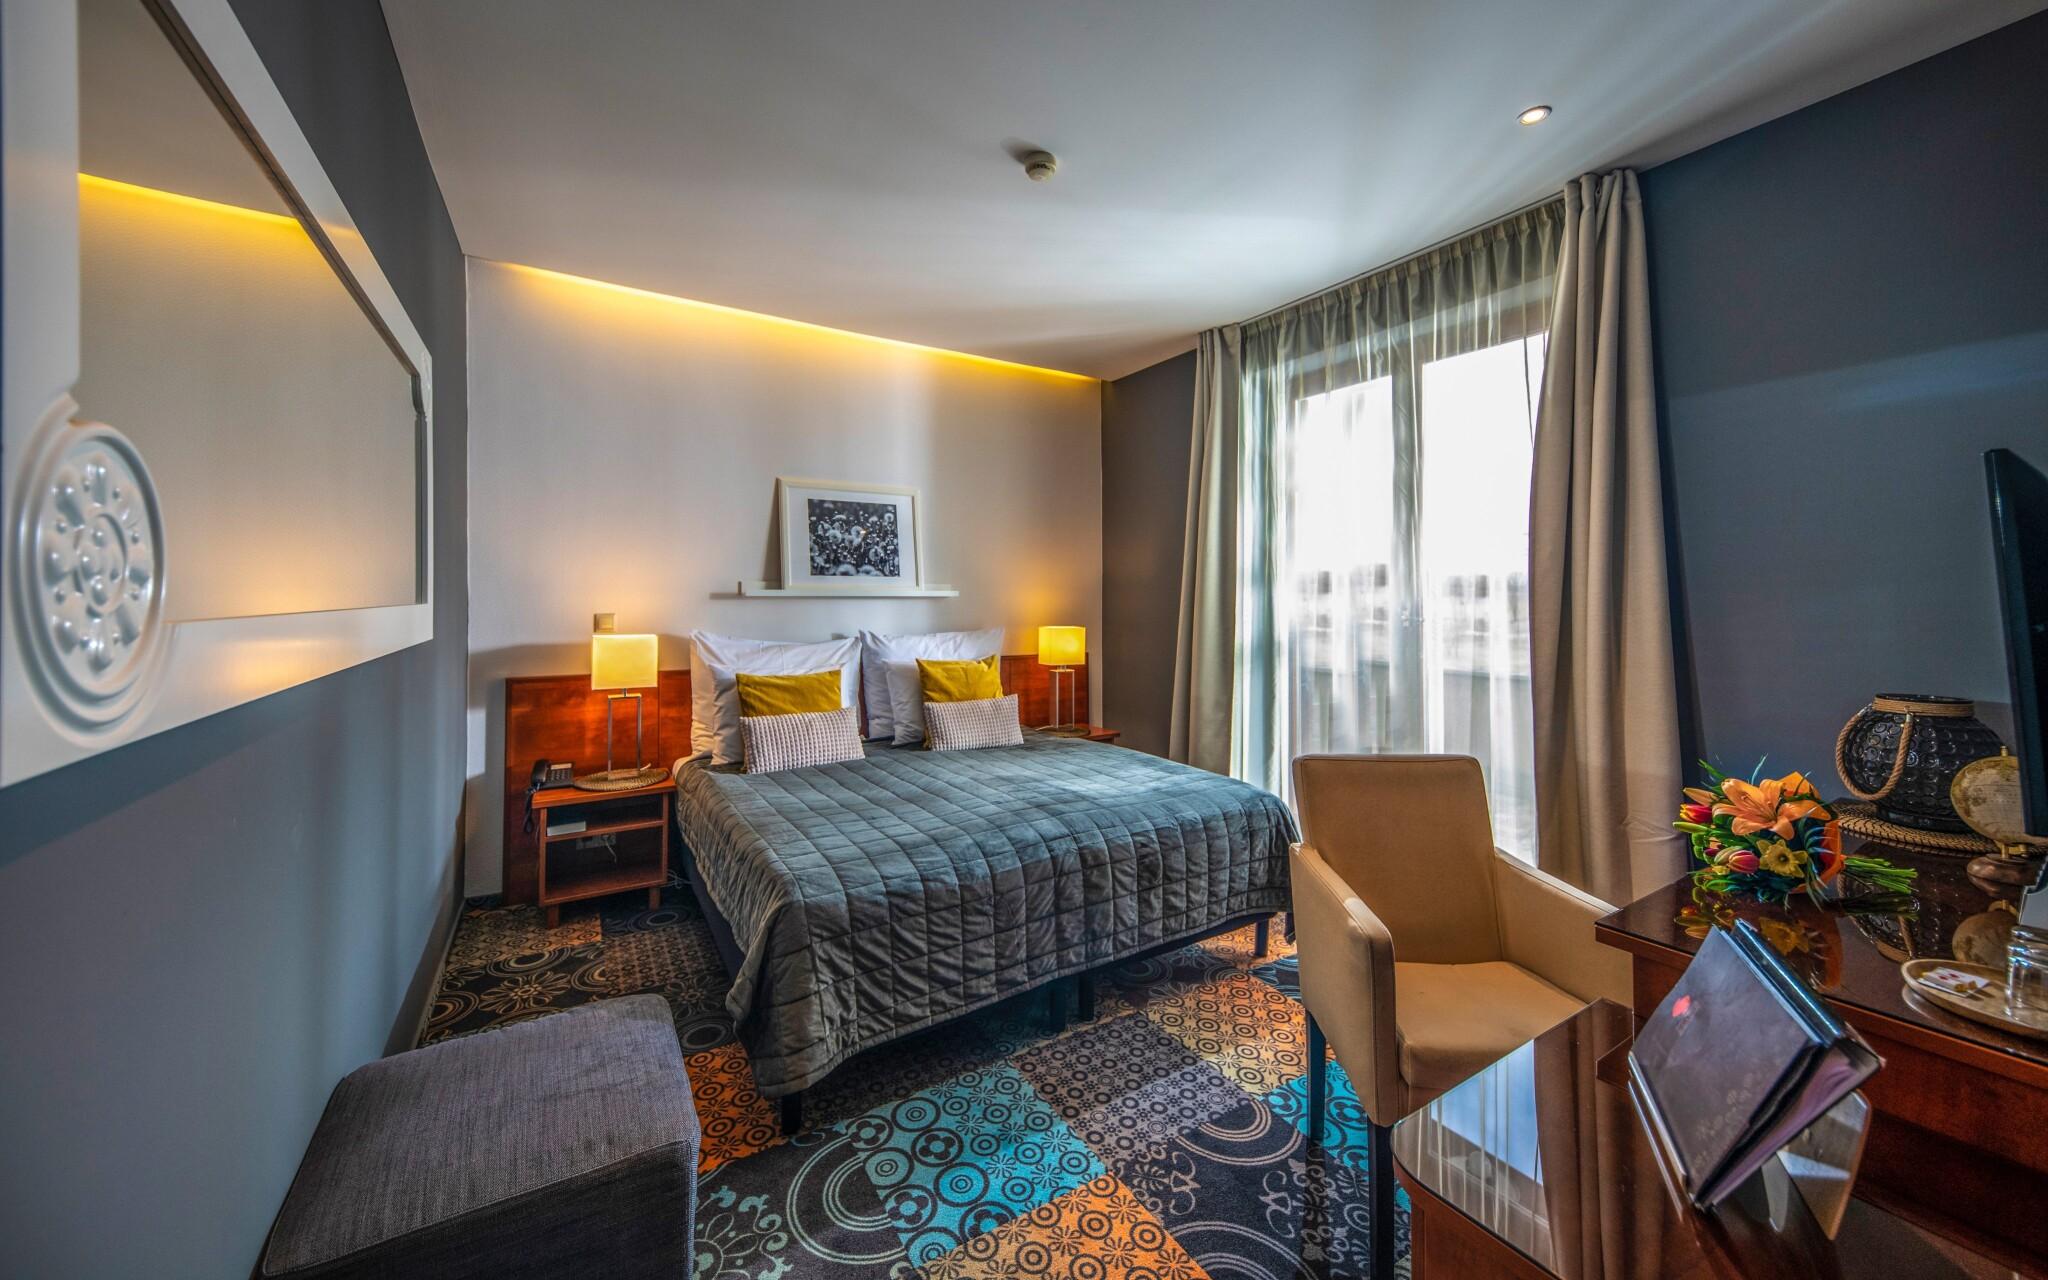 Izby sú komfortné a útulné